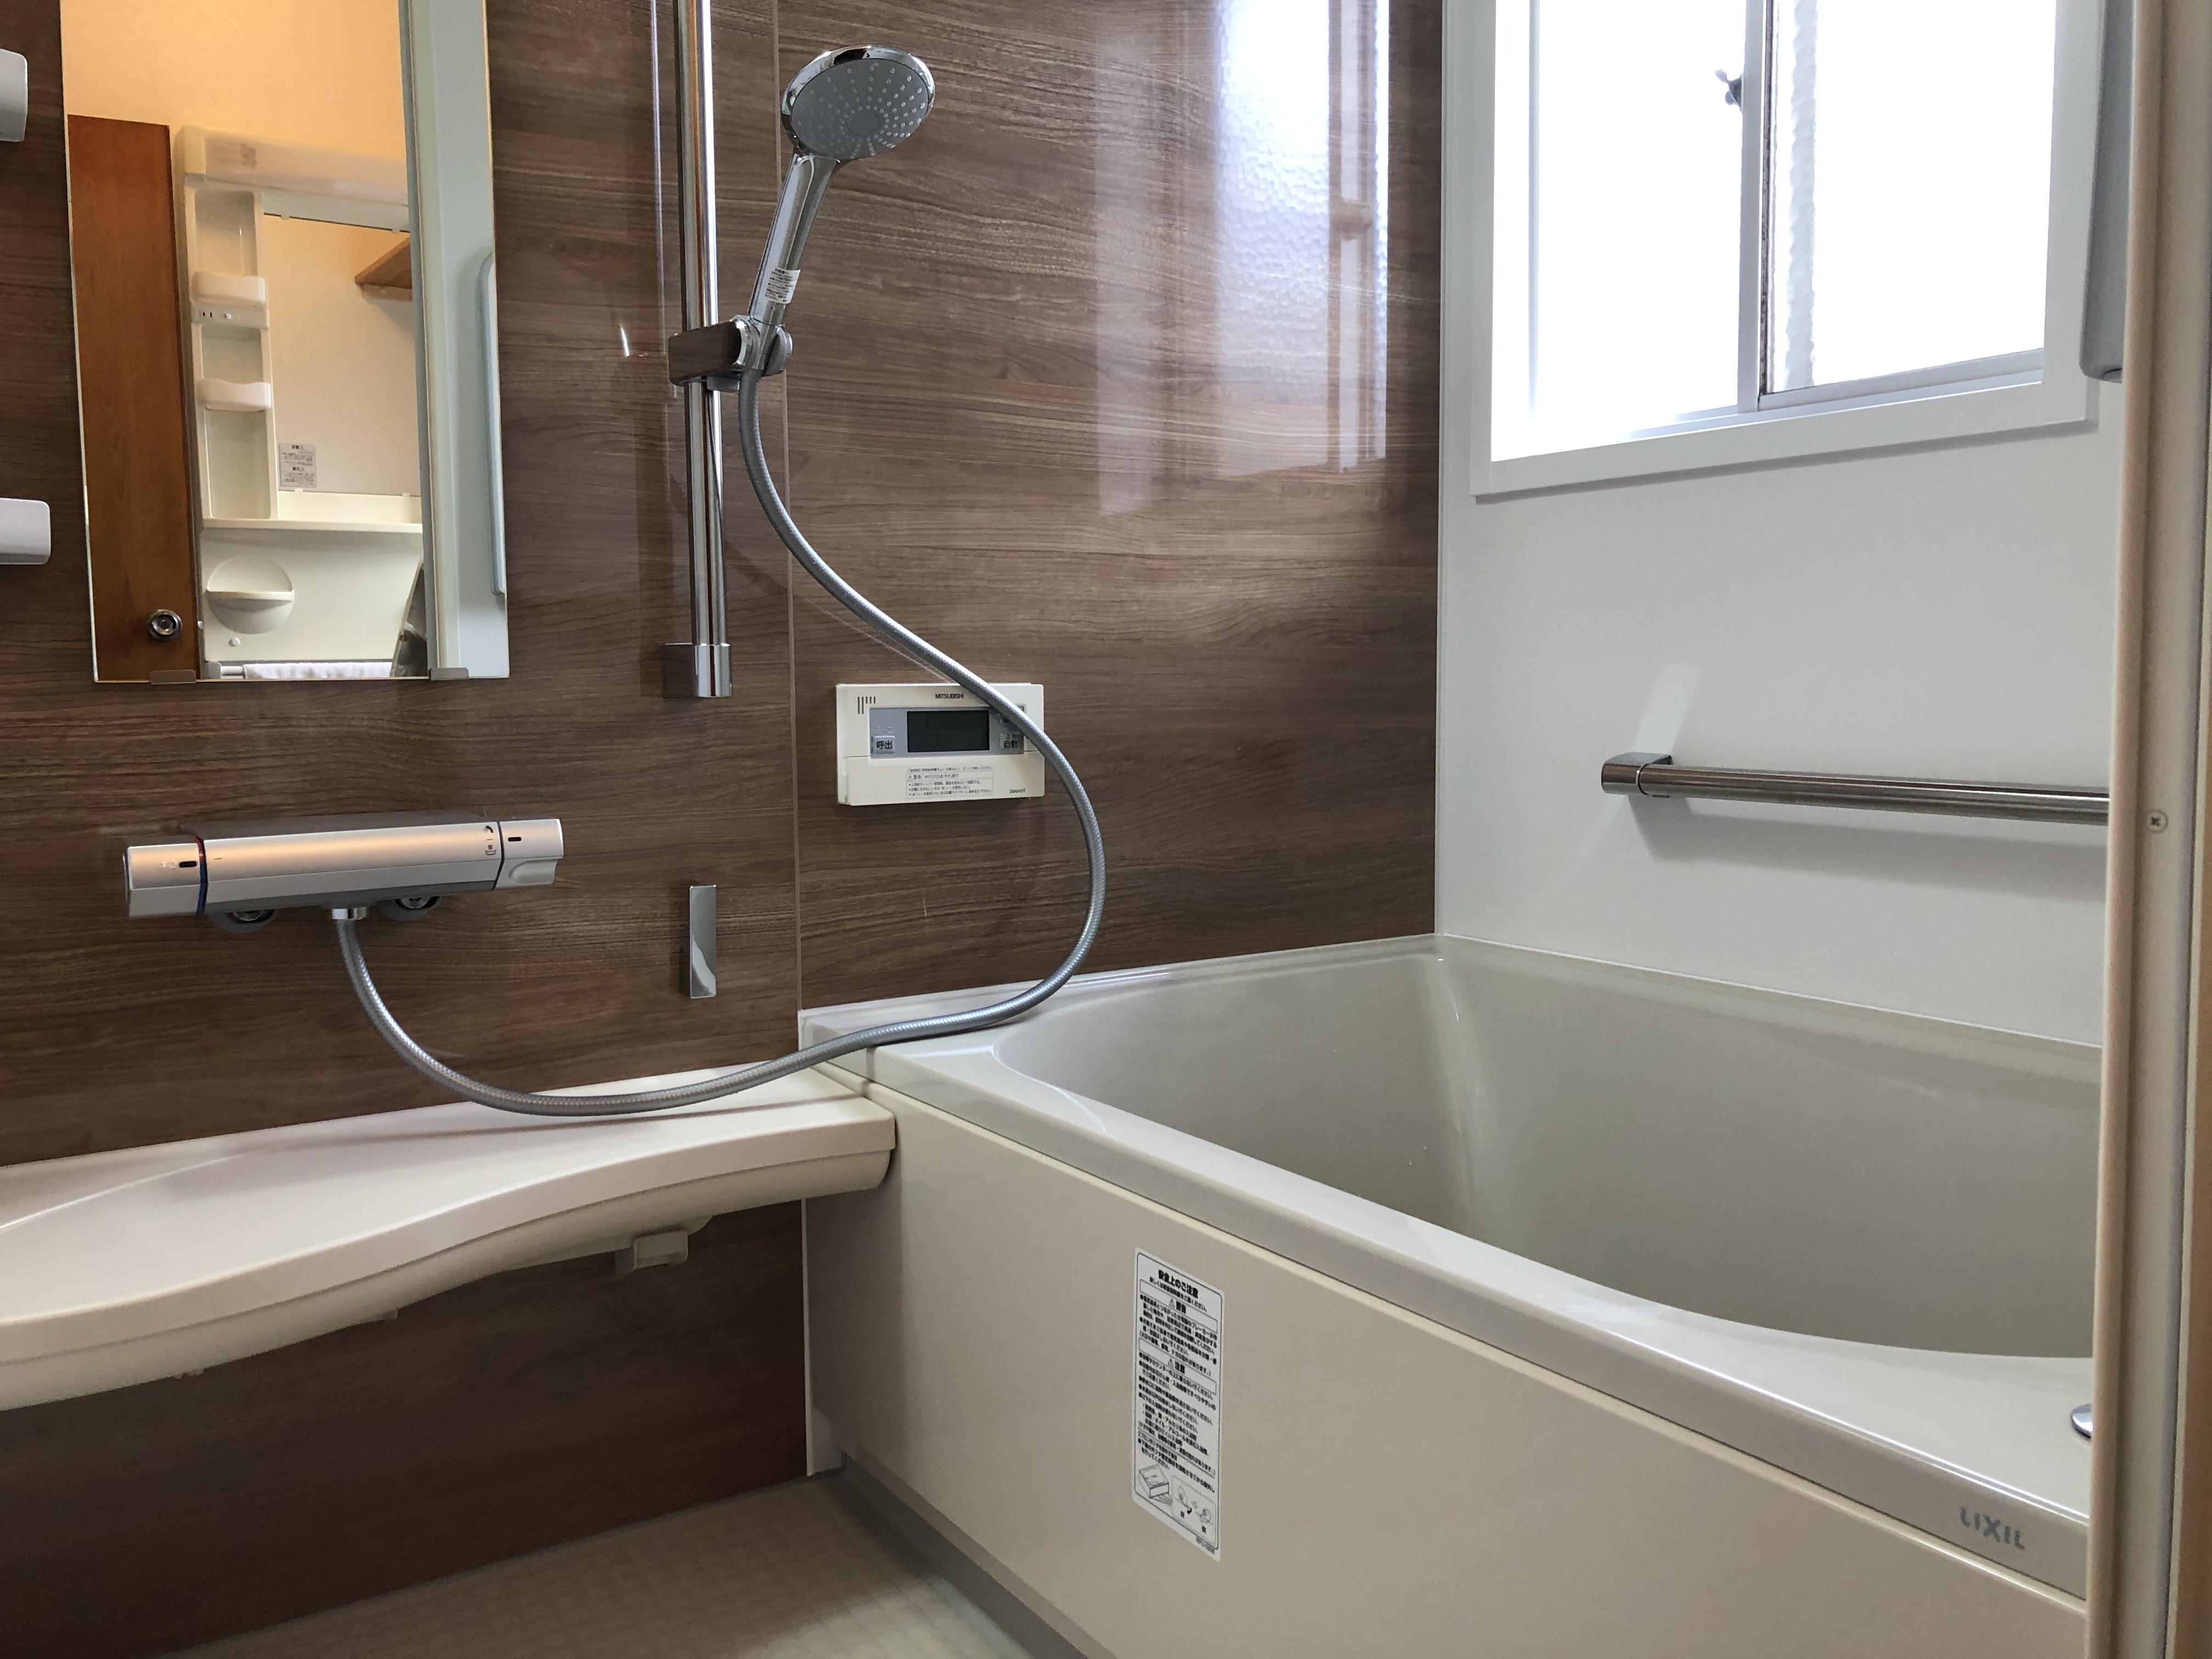 新しいお風呂はやっぱり気持ちいい!